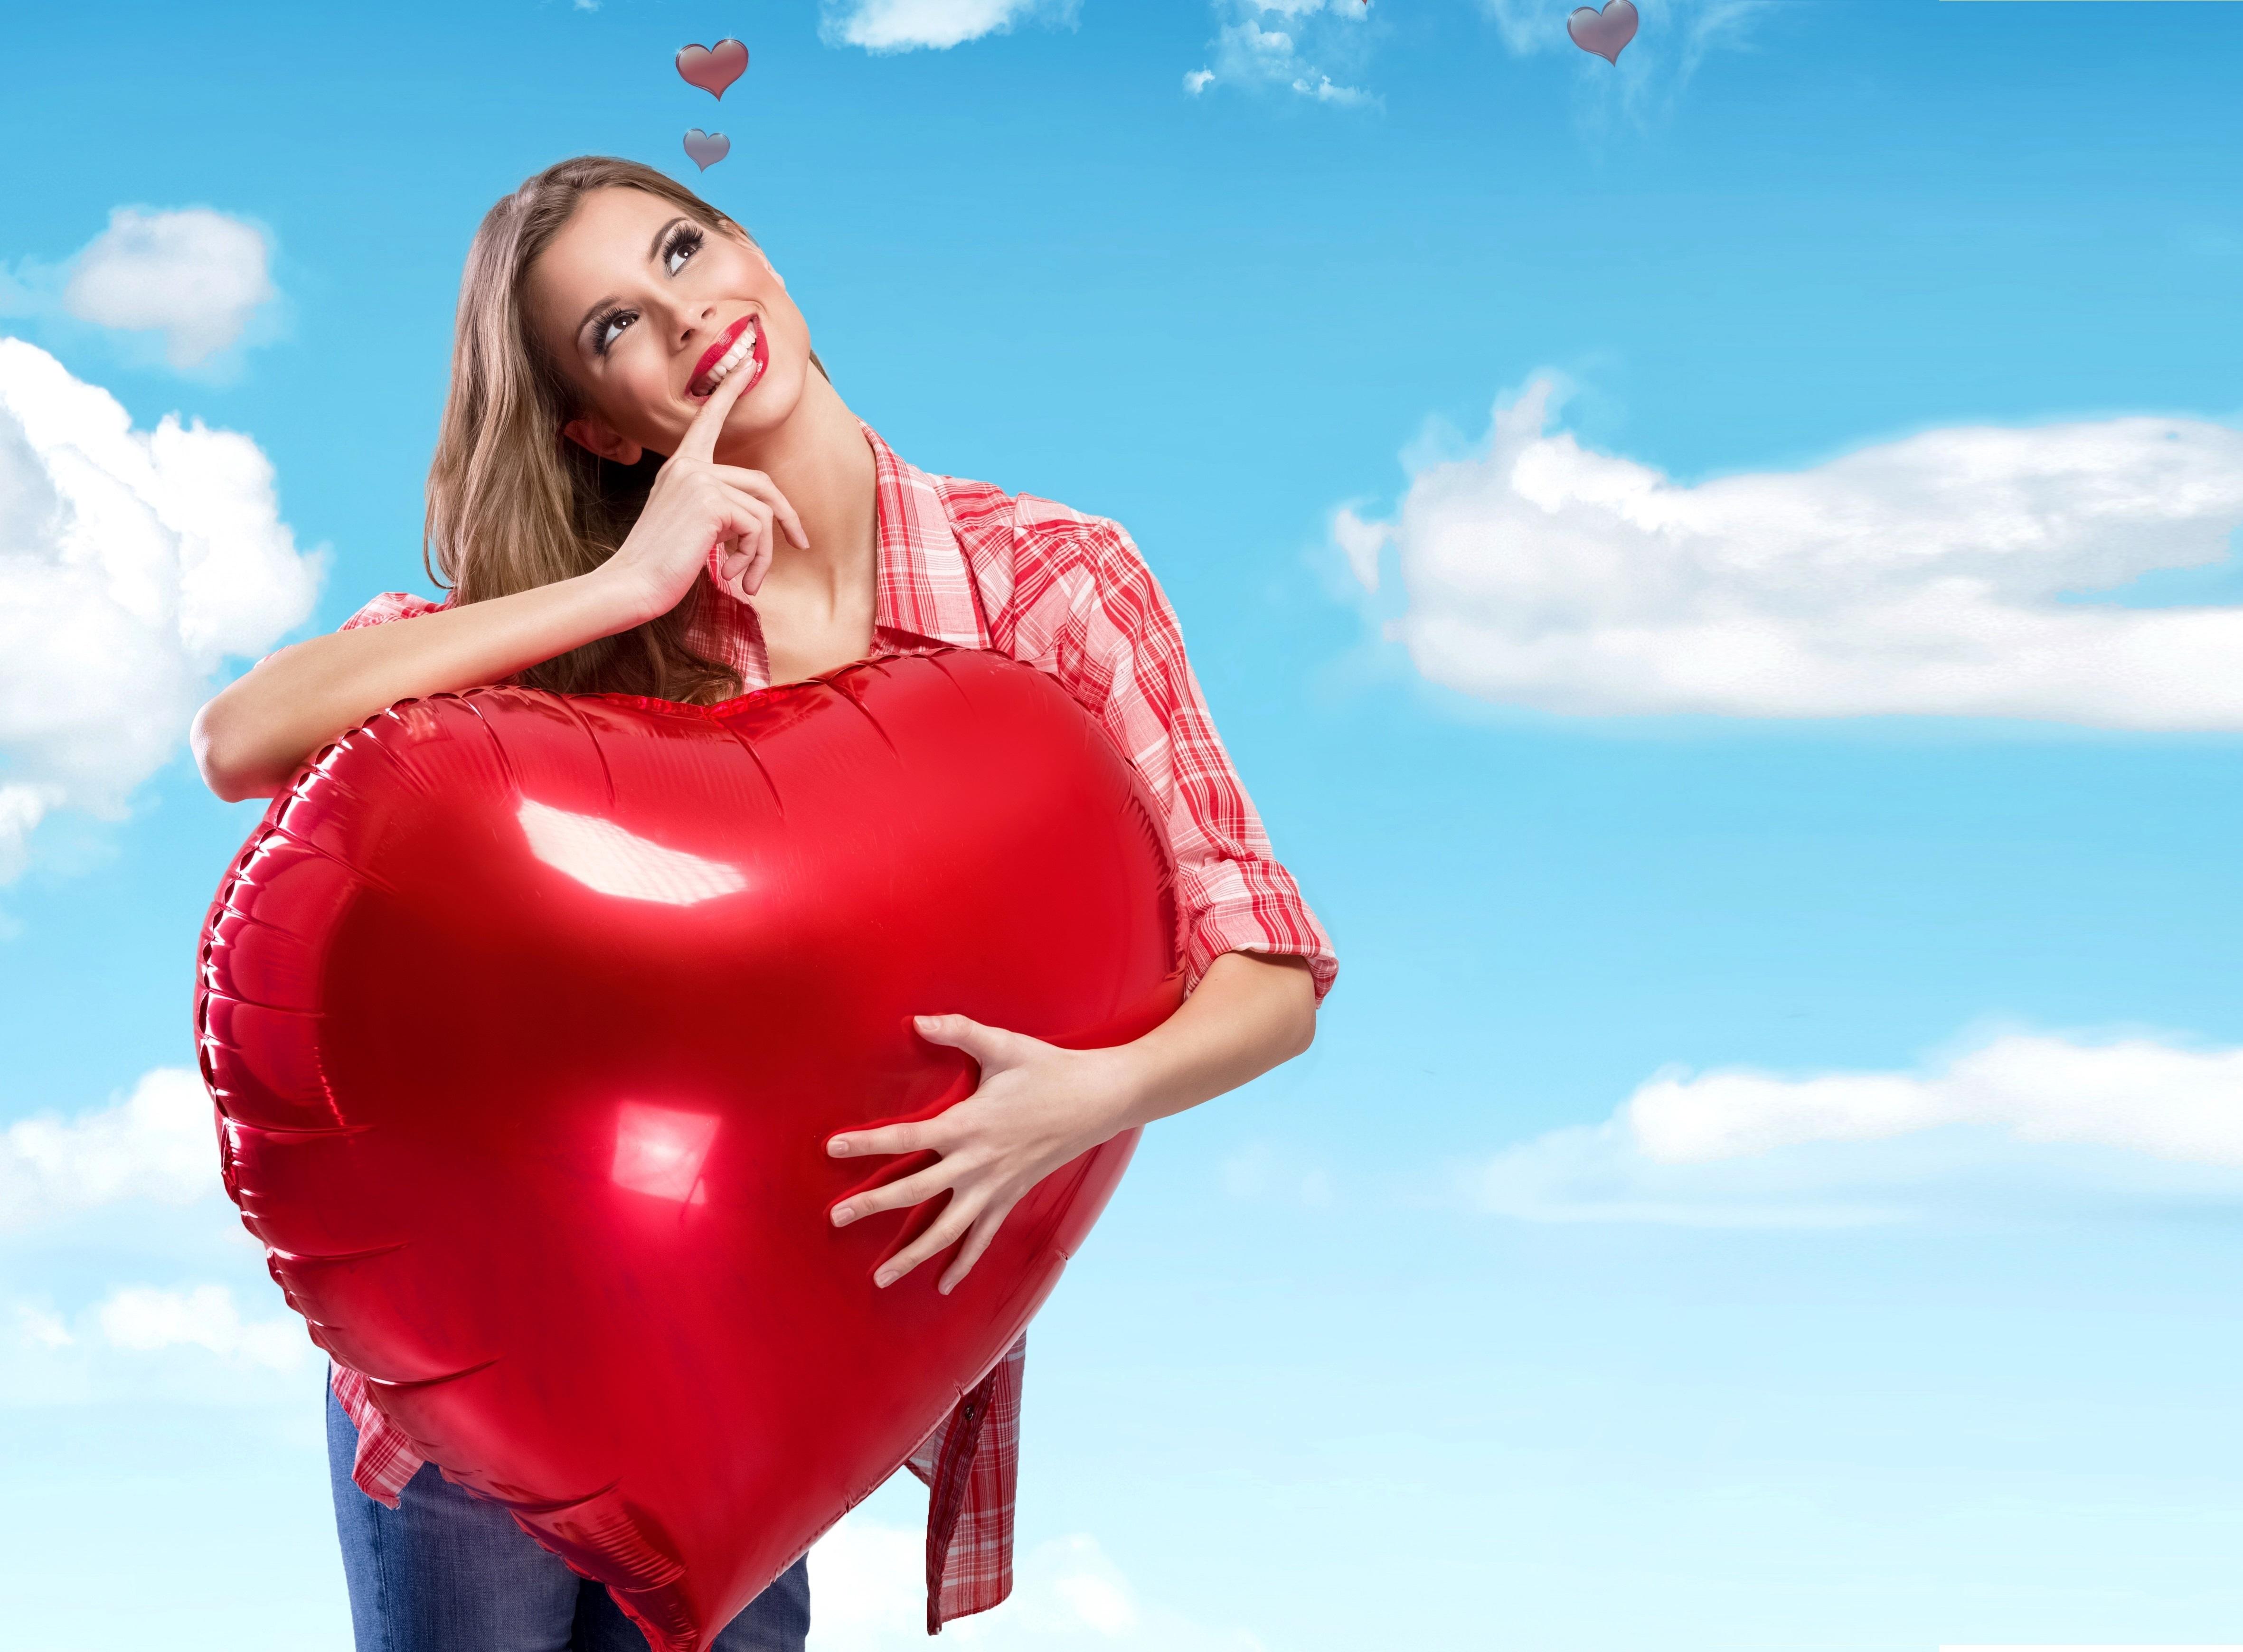 Картинка девочки с сердцем в руках